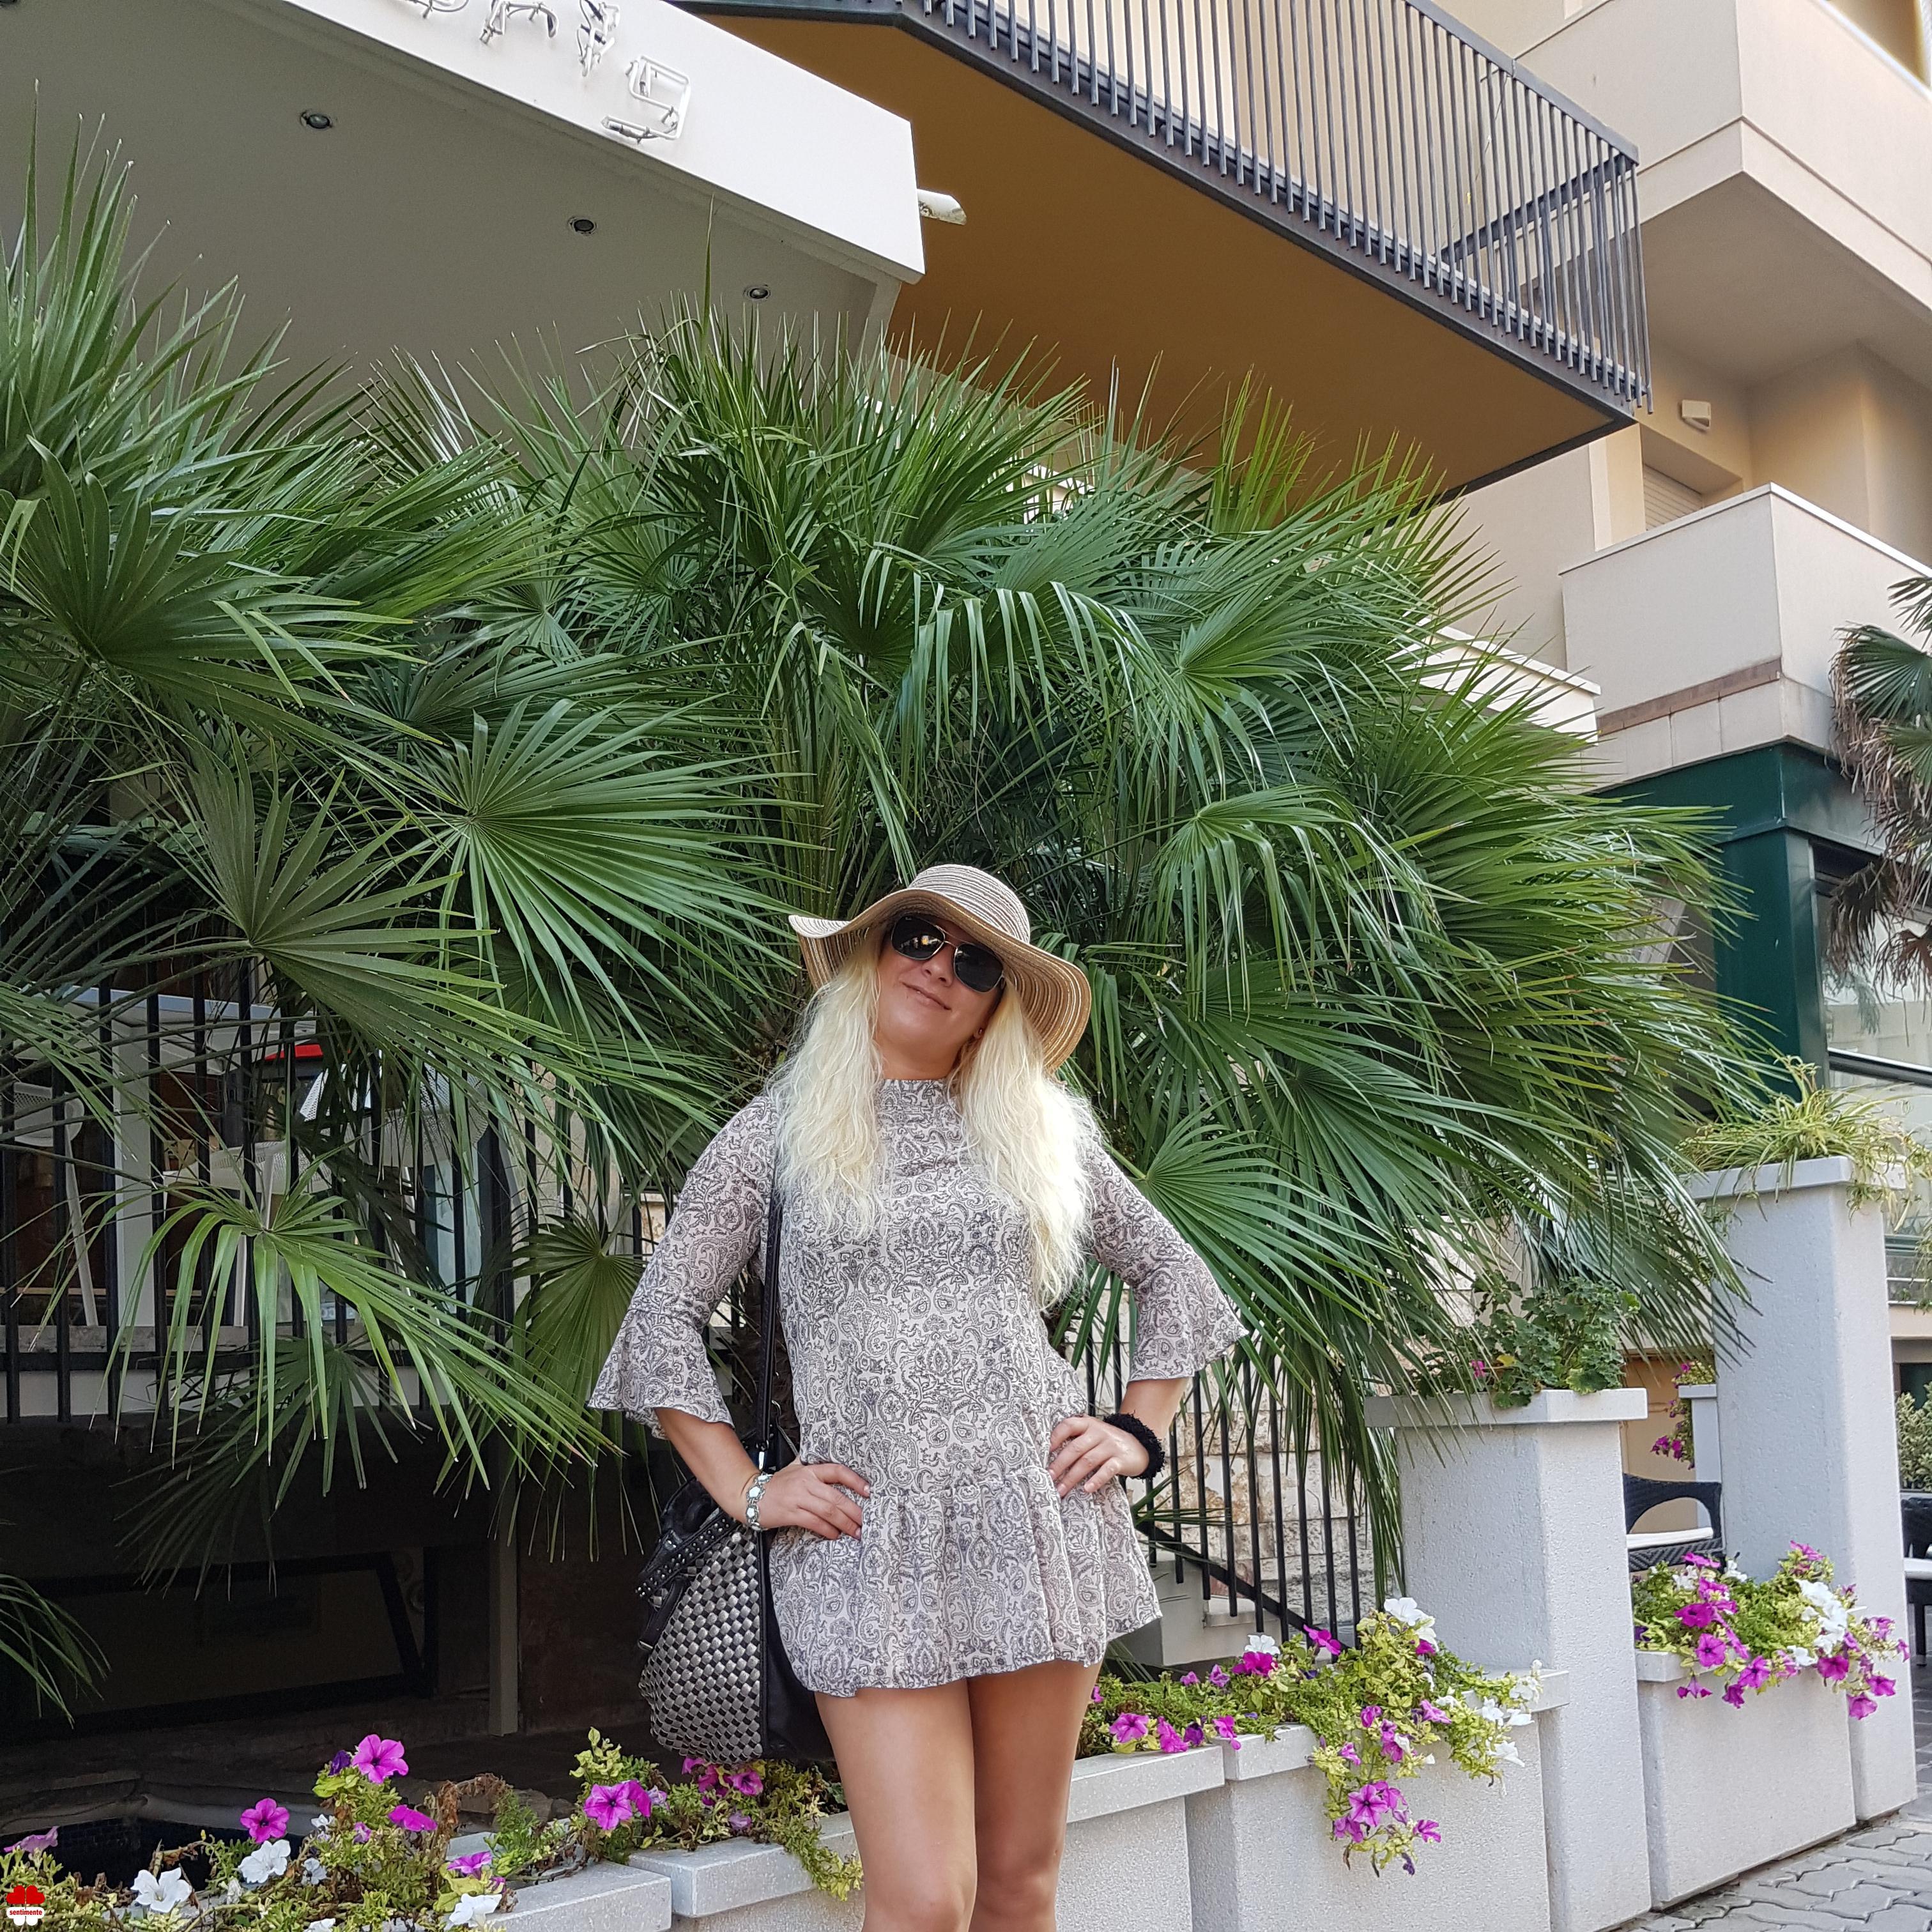 deac-laura.blogspot.com